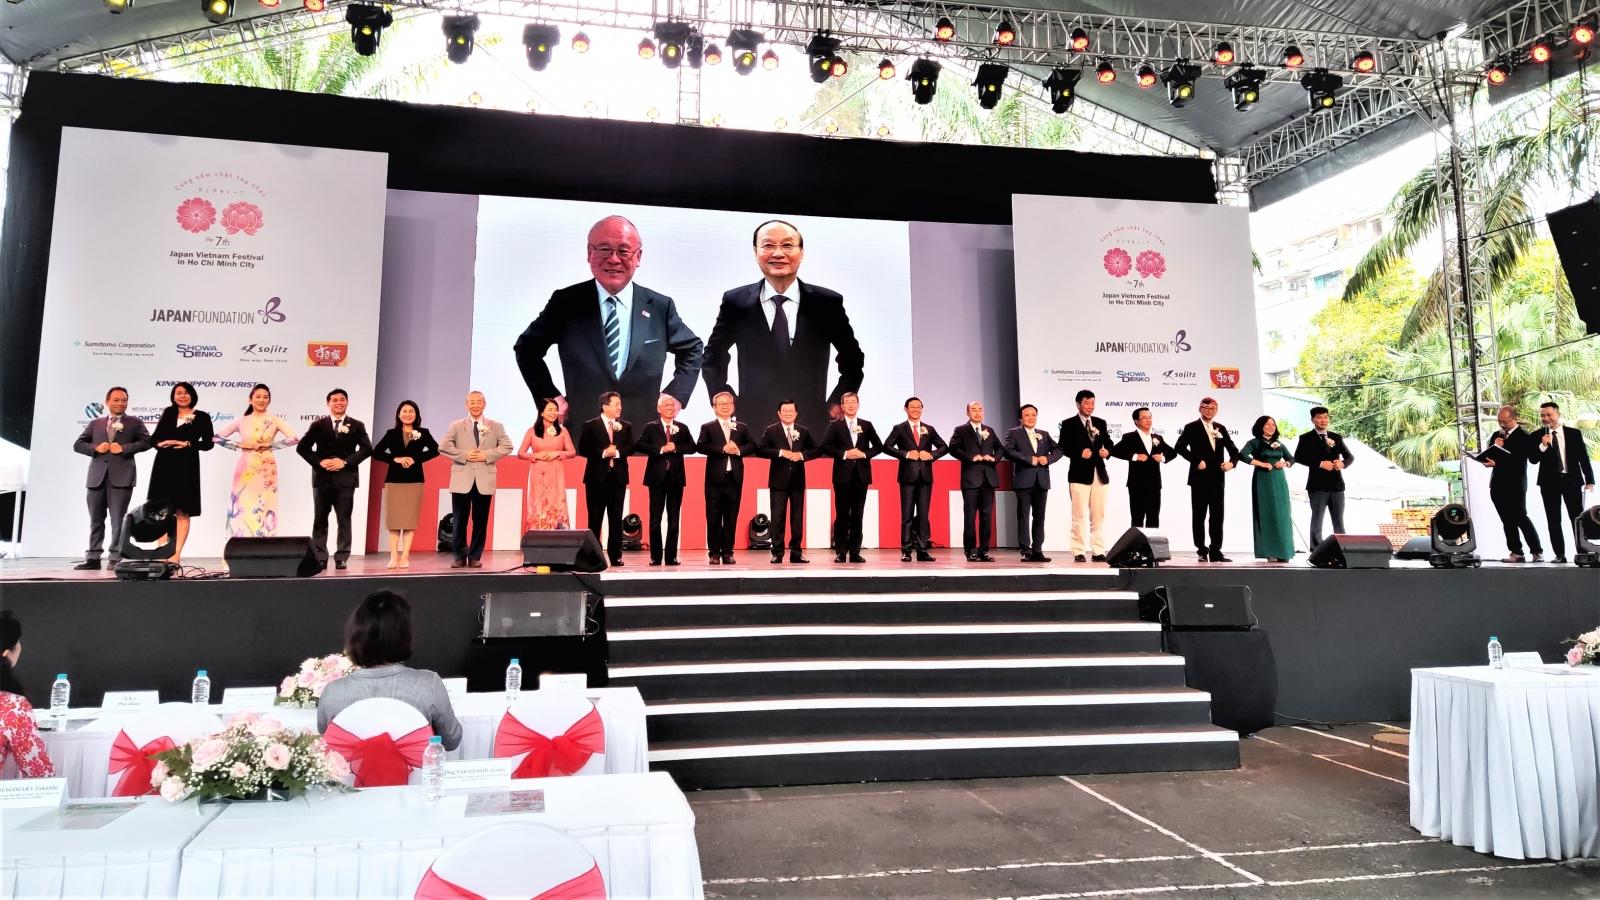 Khai mạc Lễ hội Nhật - Việt lần thứ 7 tại TPHCM